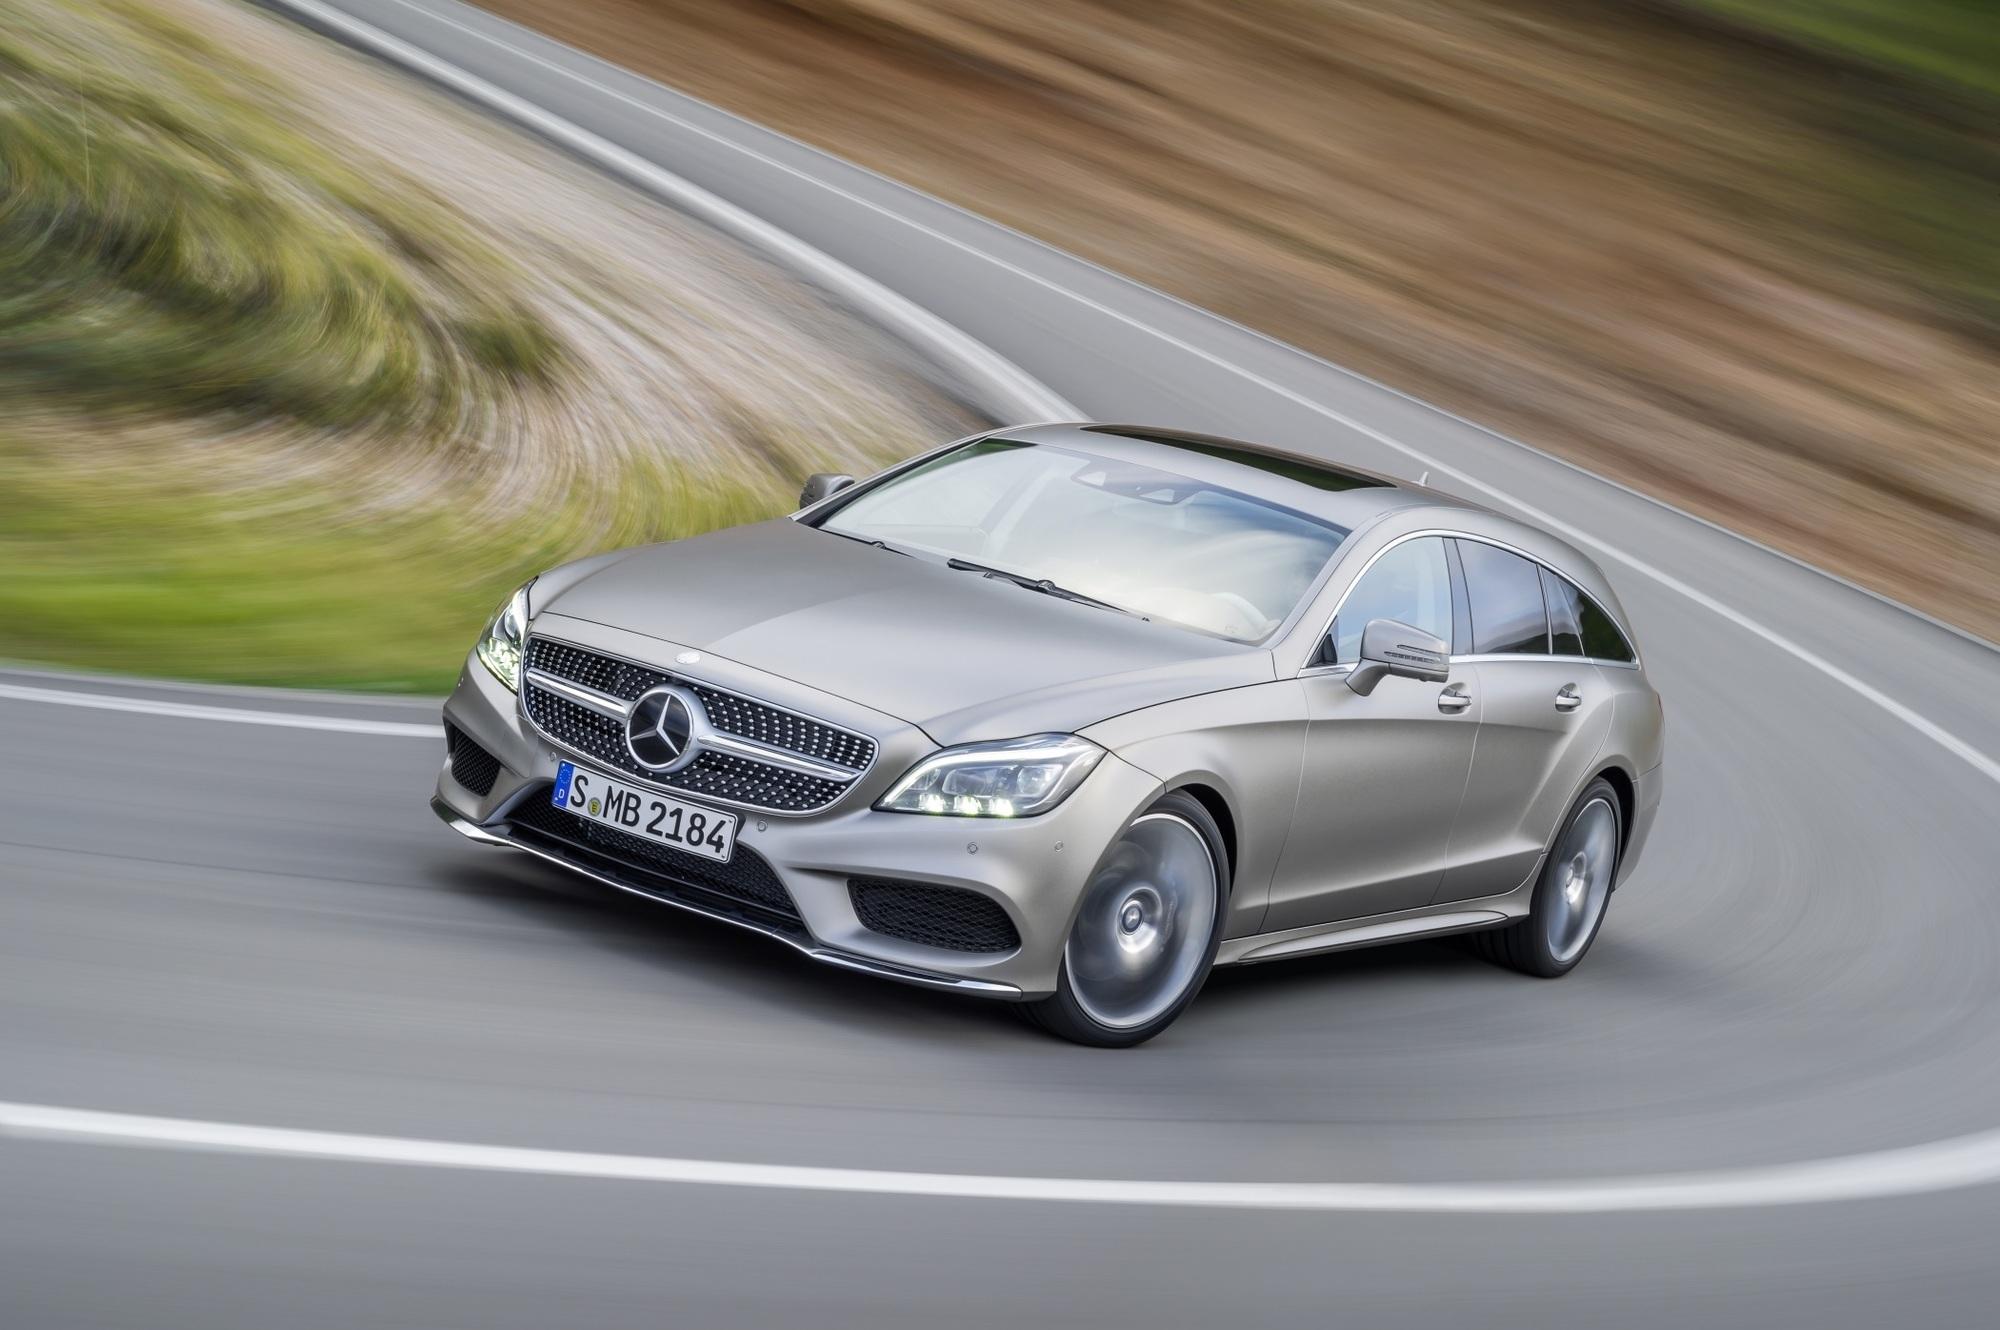 Test: Mercedes CLS 400 Shooting Brake - Kombi goes Coupé – oder umgekehrt